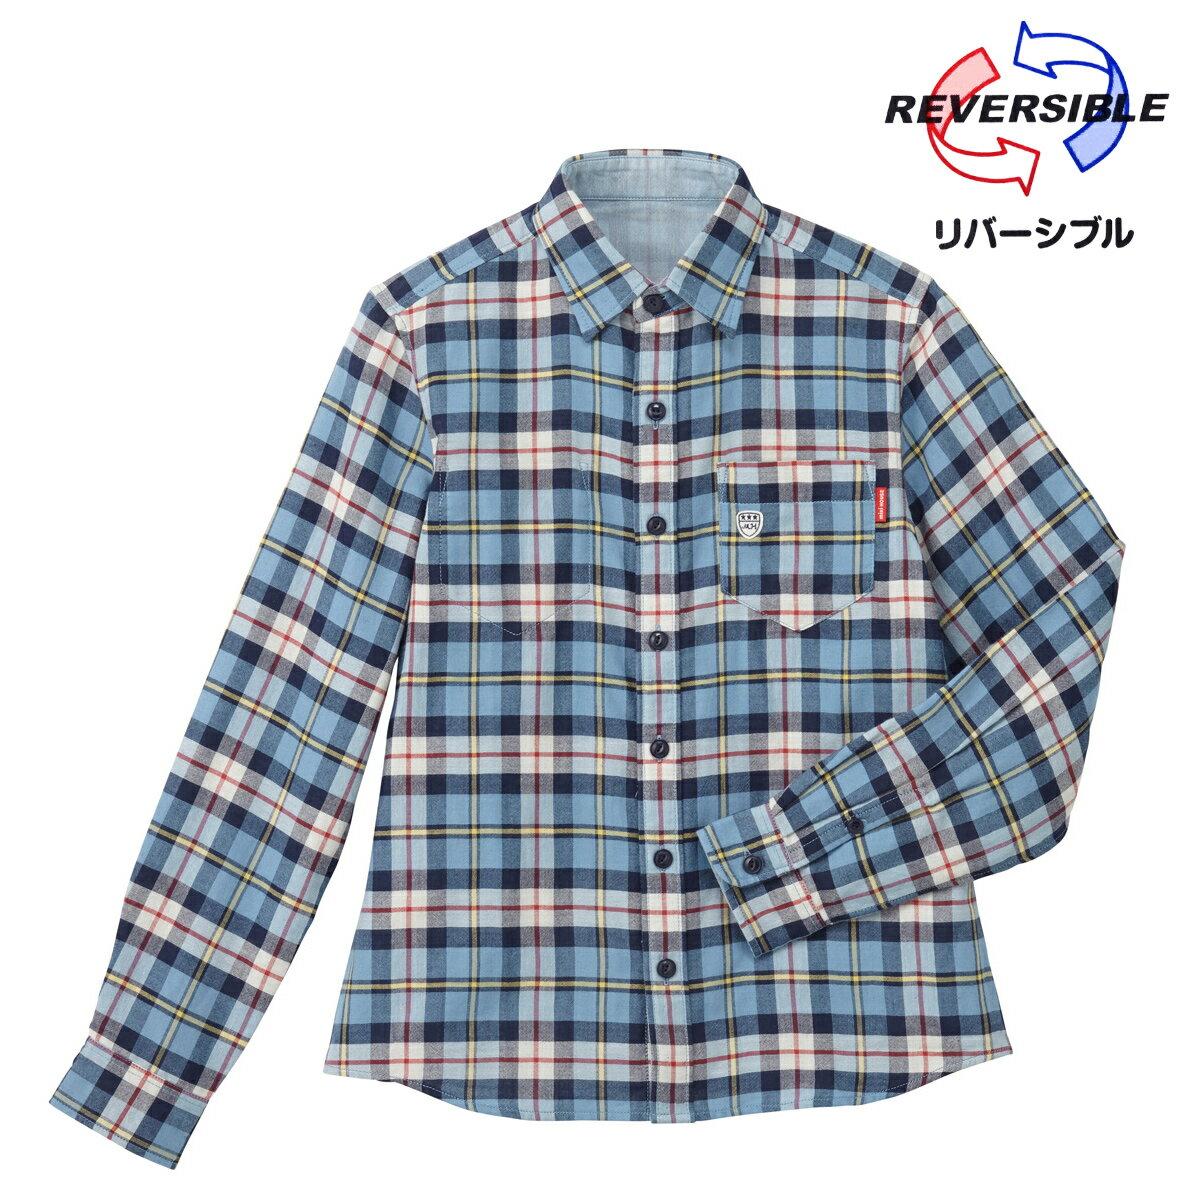 ミキハウス mikihouse リバーシブル長袖チェックシャツ(大人用)〈S(155cm-165cm)〉